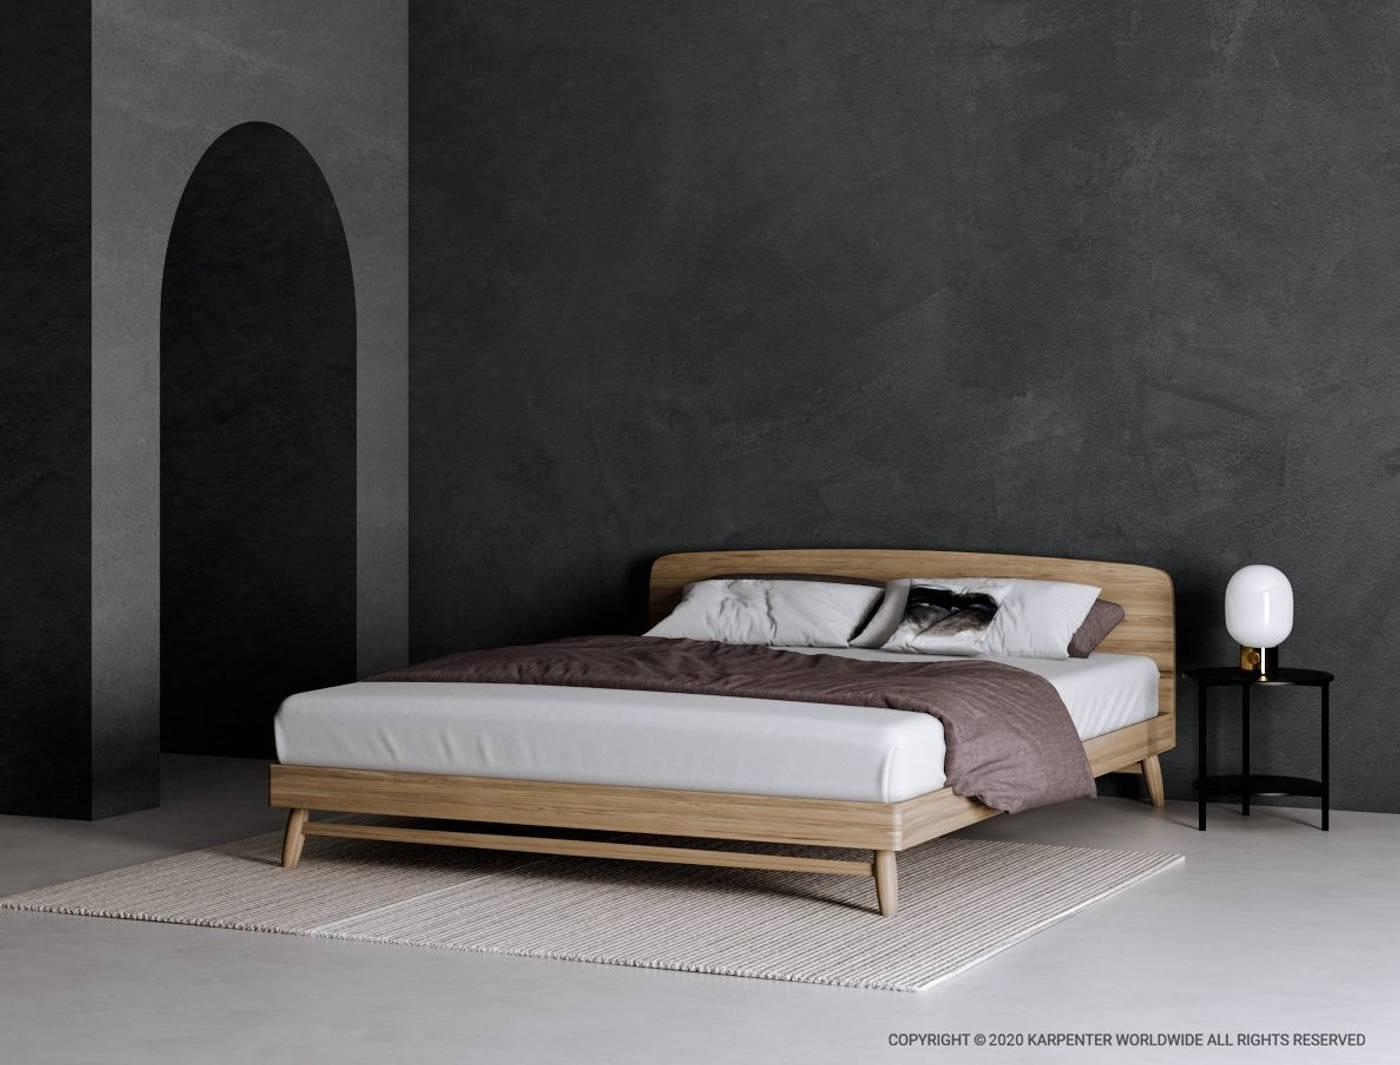 Twist King Single Bed - European Oak